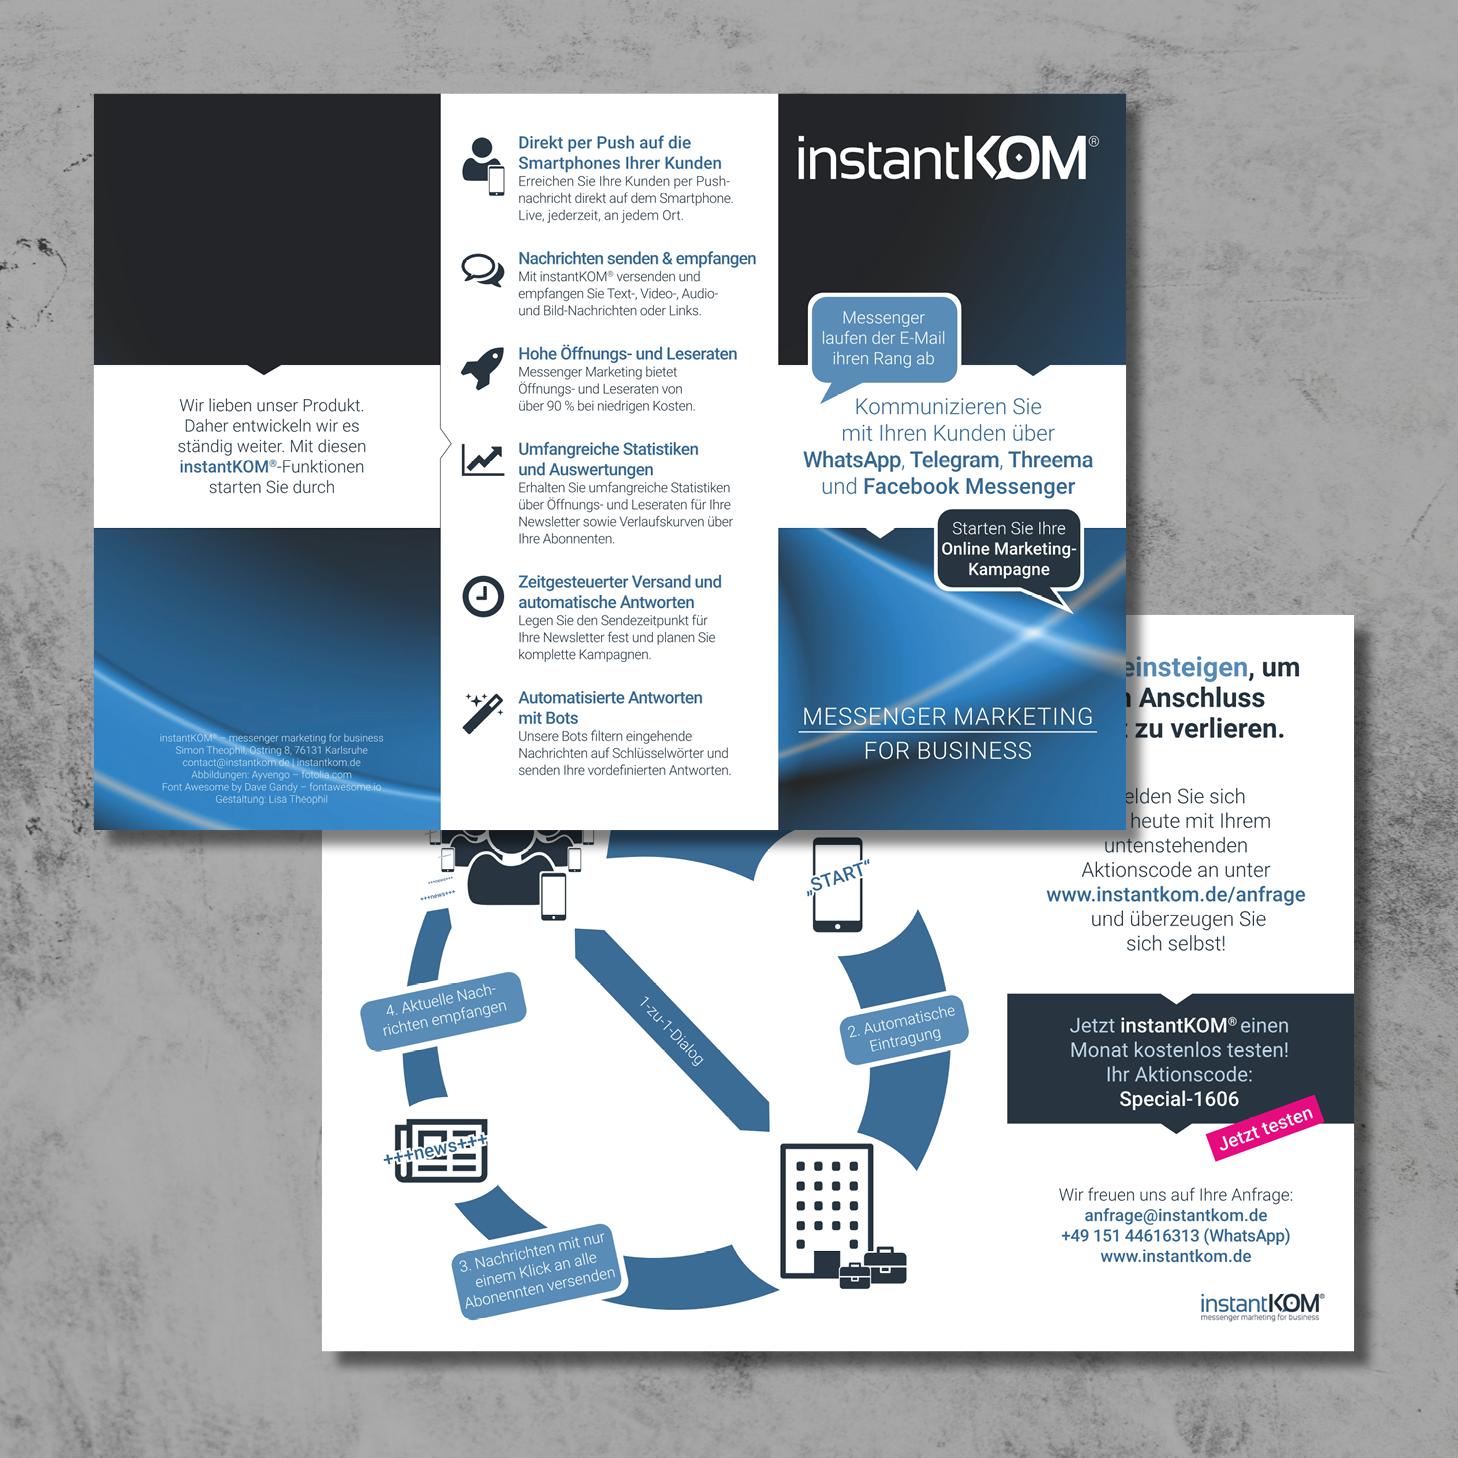 Imageflyer für instantKOM – Konzeption, Gestaltung und Text